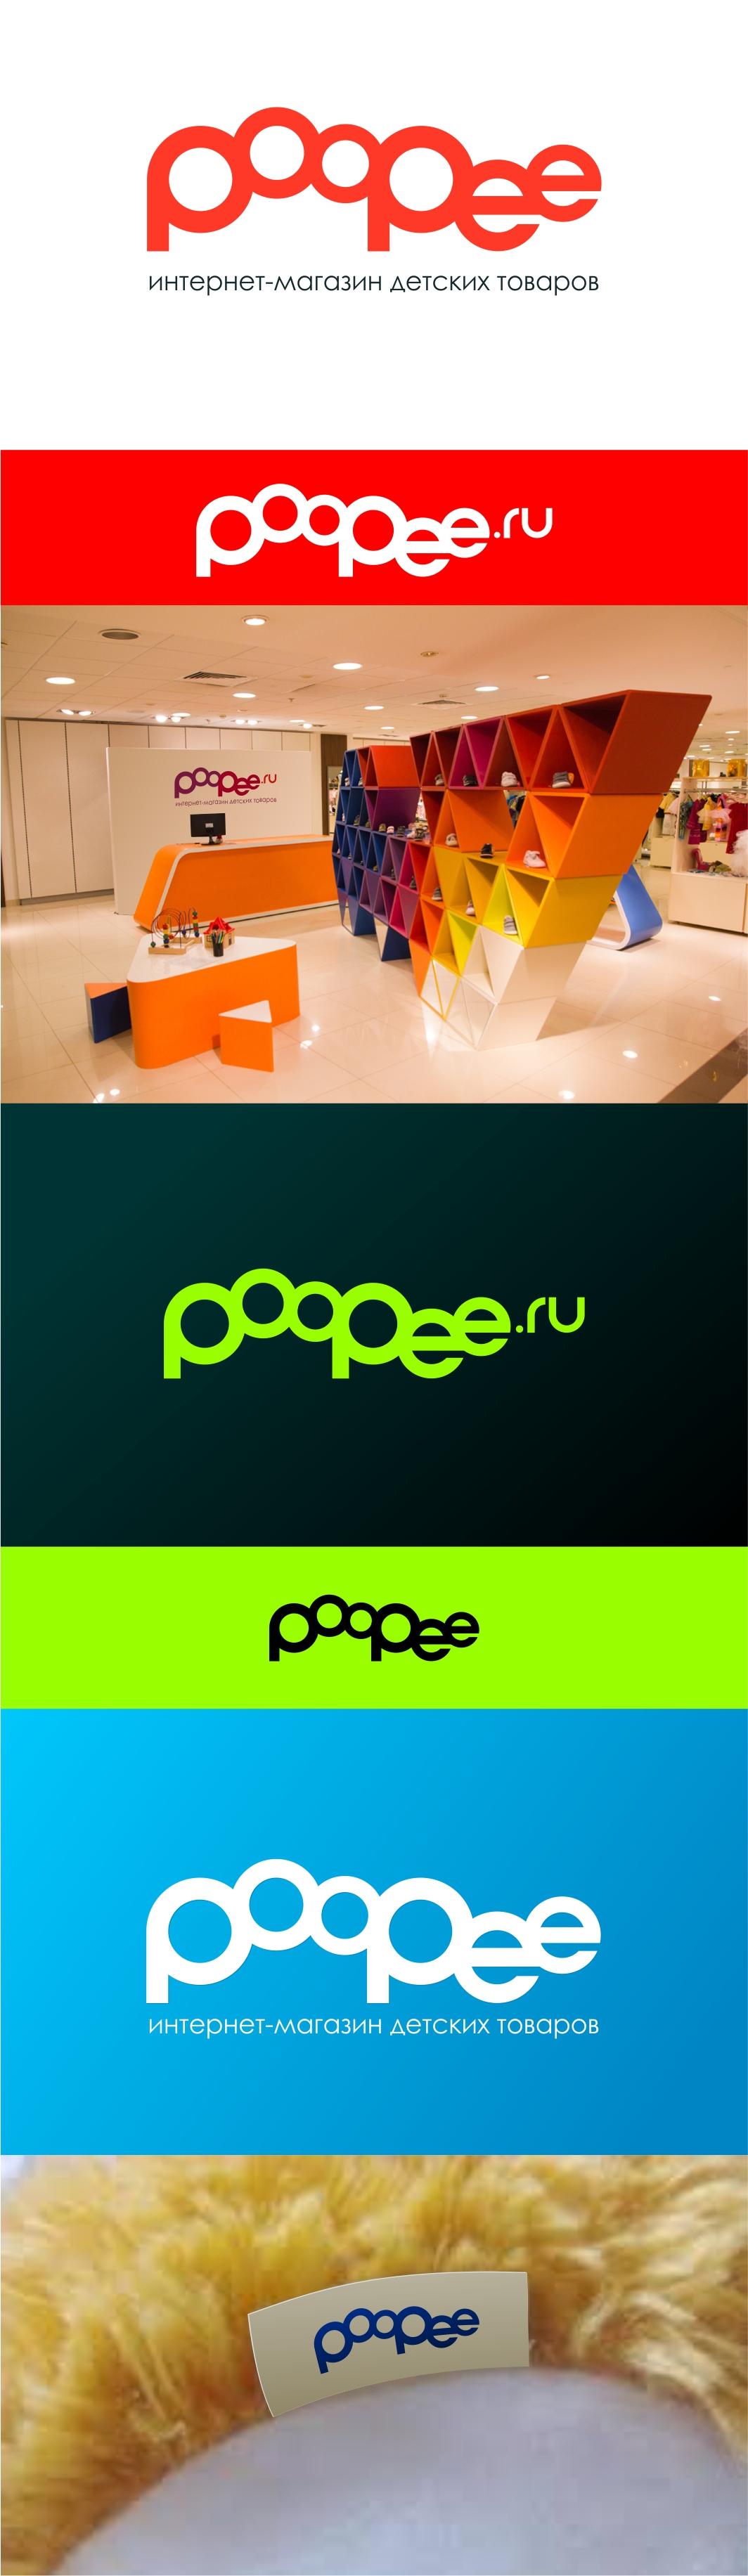 Разработка элементов фирменного стиля, логотипа и гайдлайна  фото f_7095ad5bb77871cc.jpg